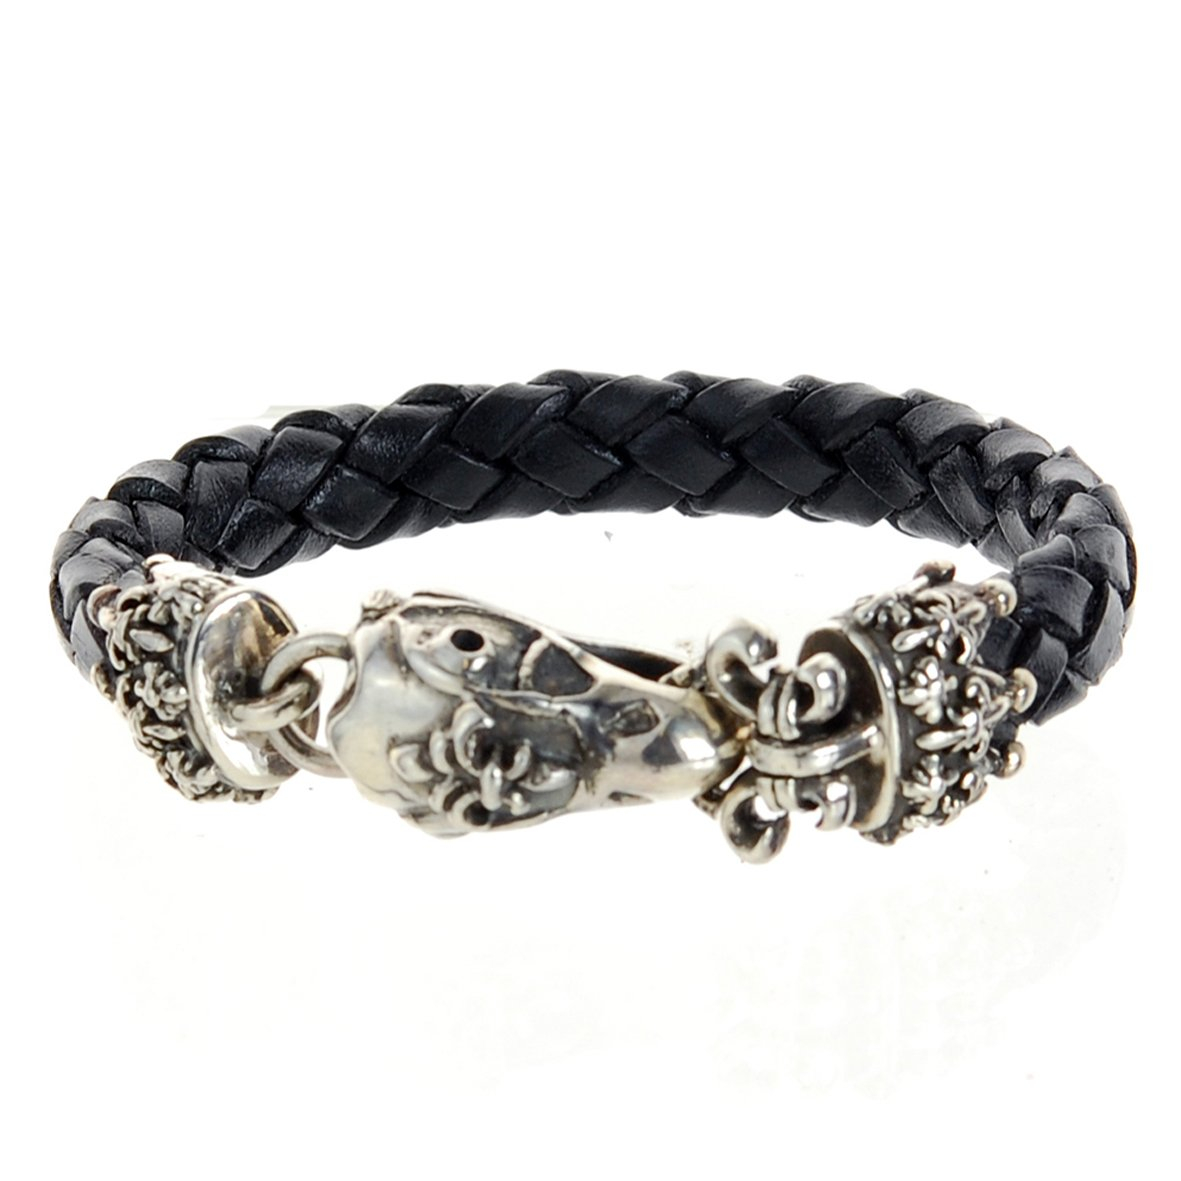 Silver Leather Bracelet